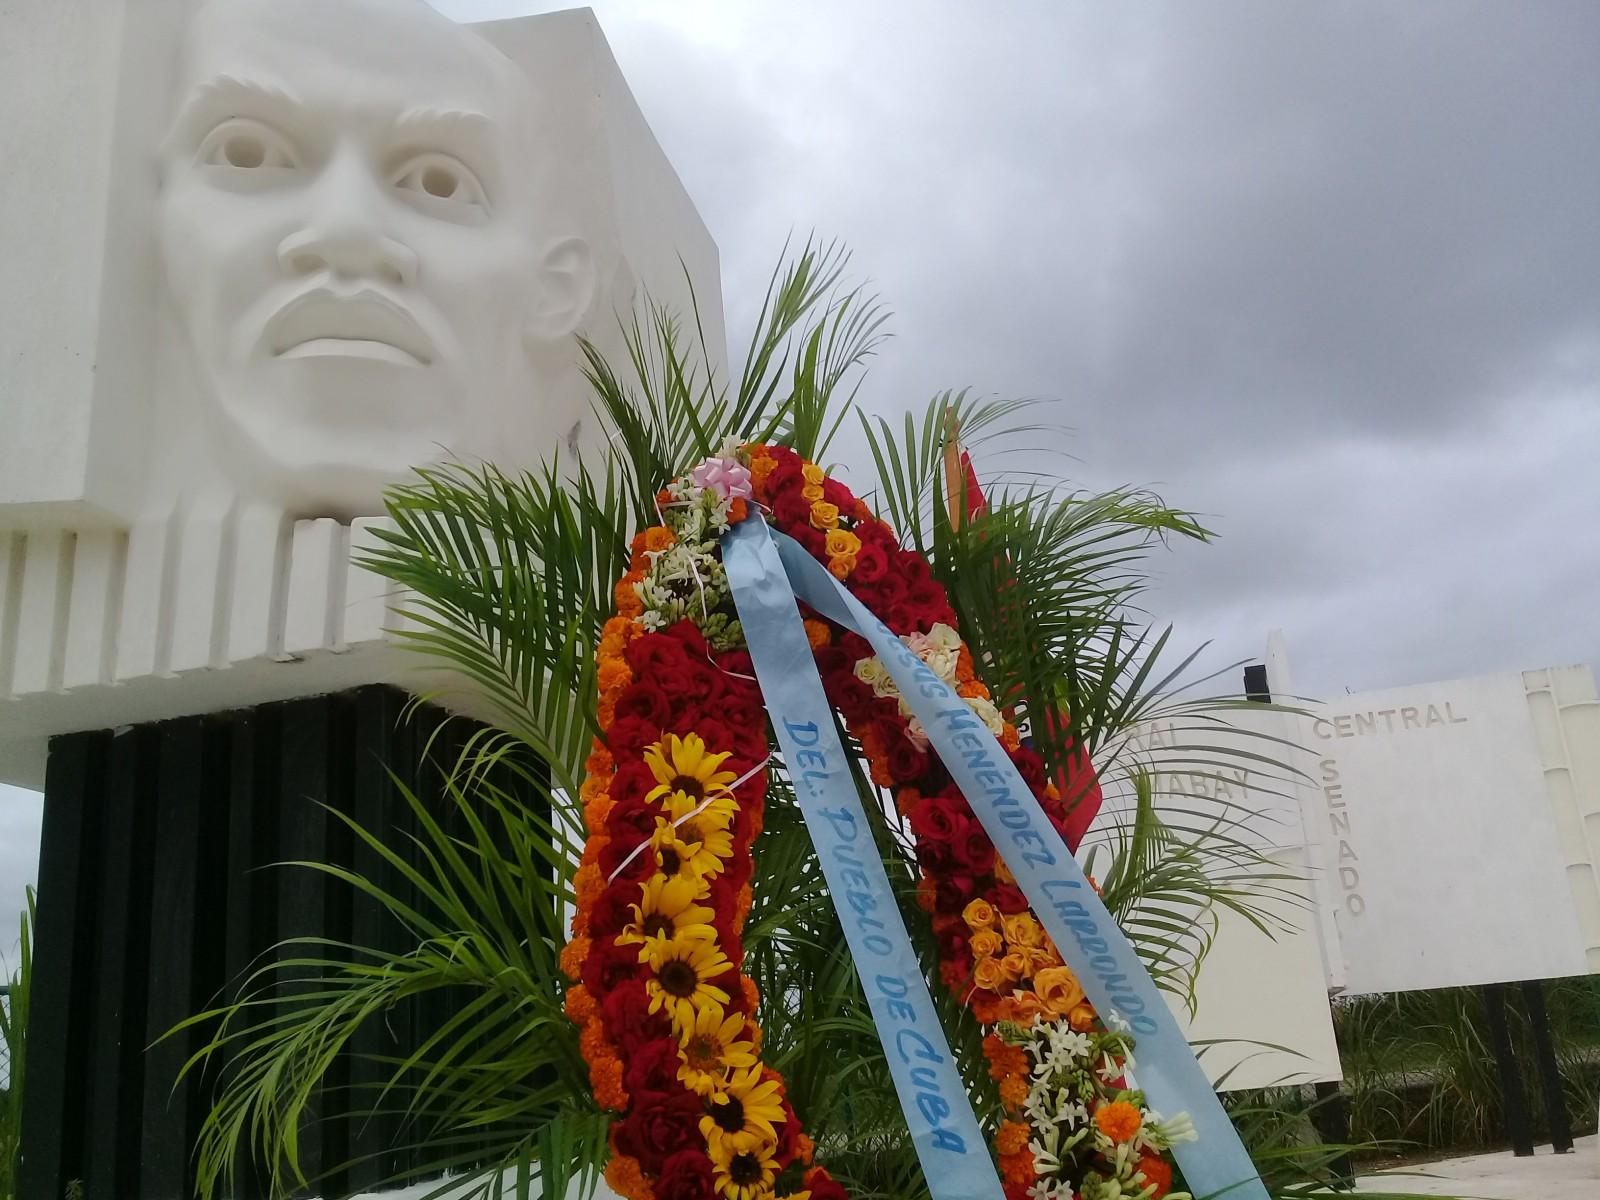 Monumento a la firmeza y rectitud (+ fotos)